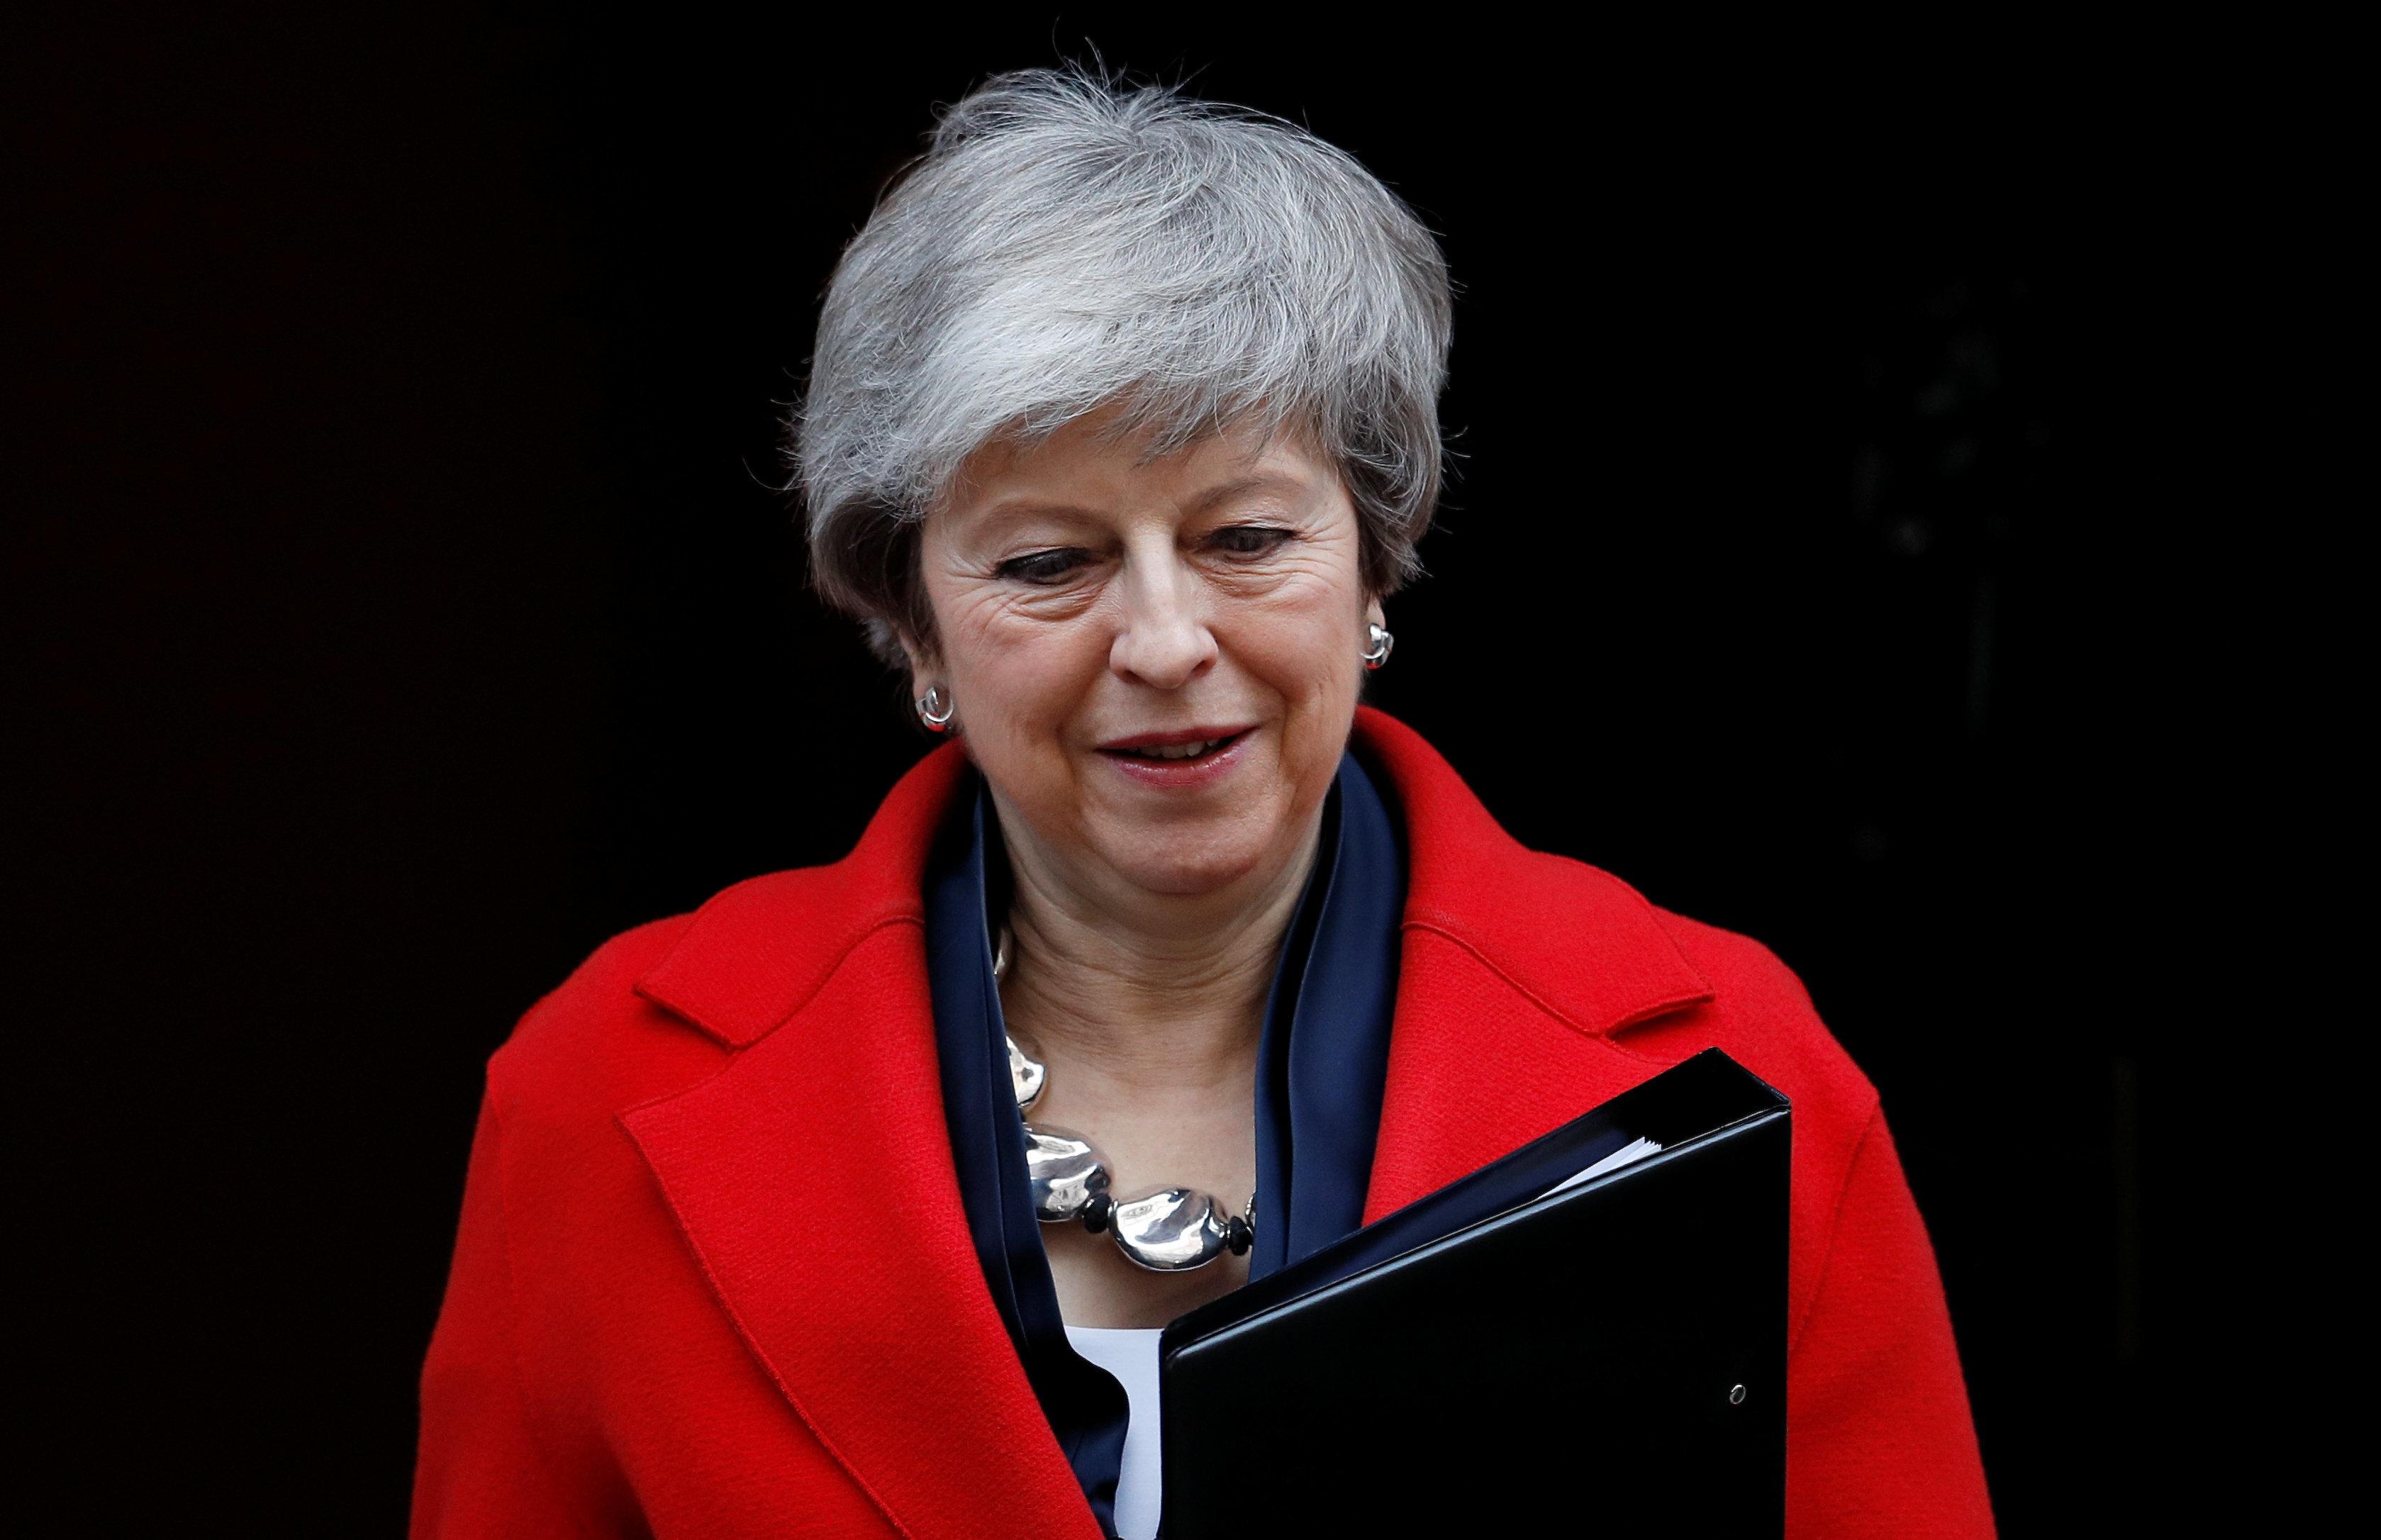 영국 메이 총리가 처음으로 인정했다. 브렉시트 연기도